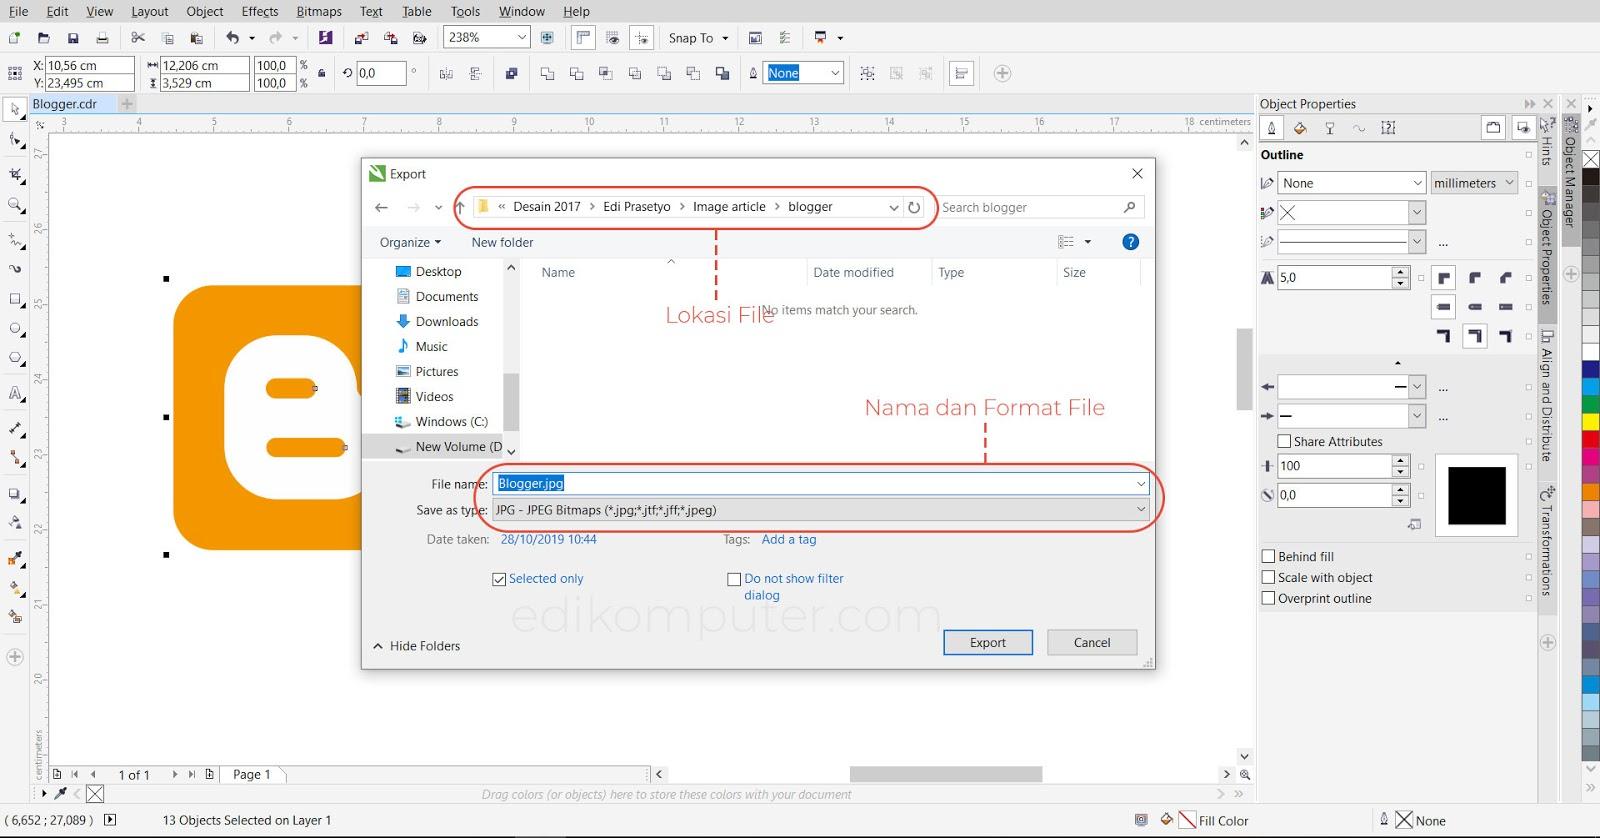 Cara eksport file corel draw menjadi bentuk jpg